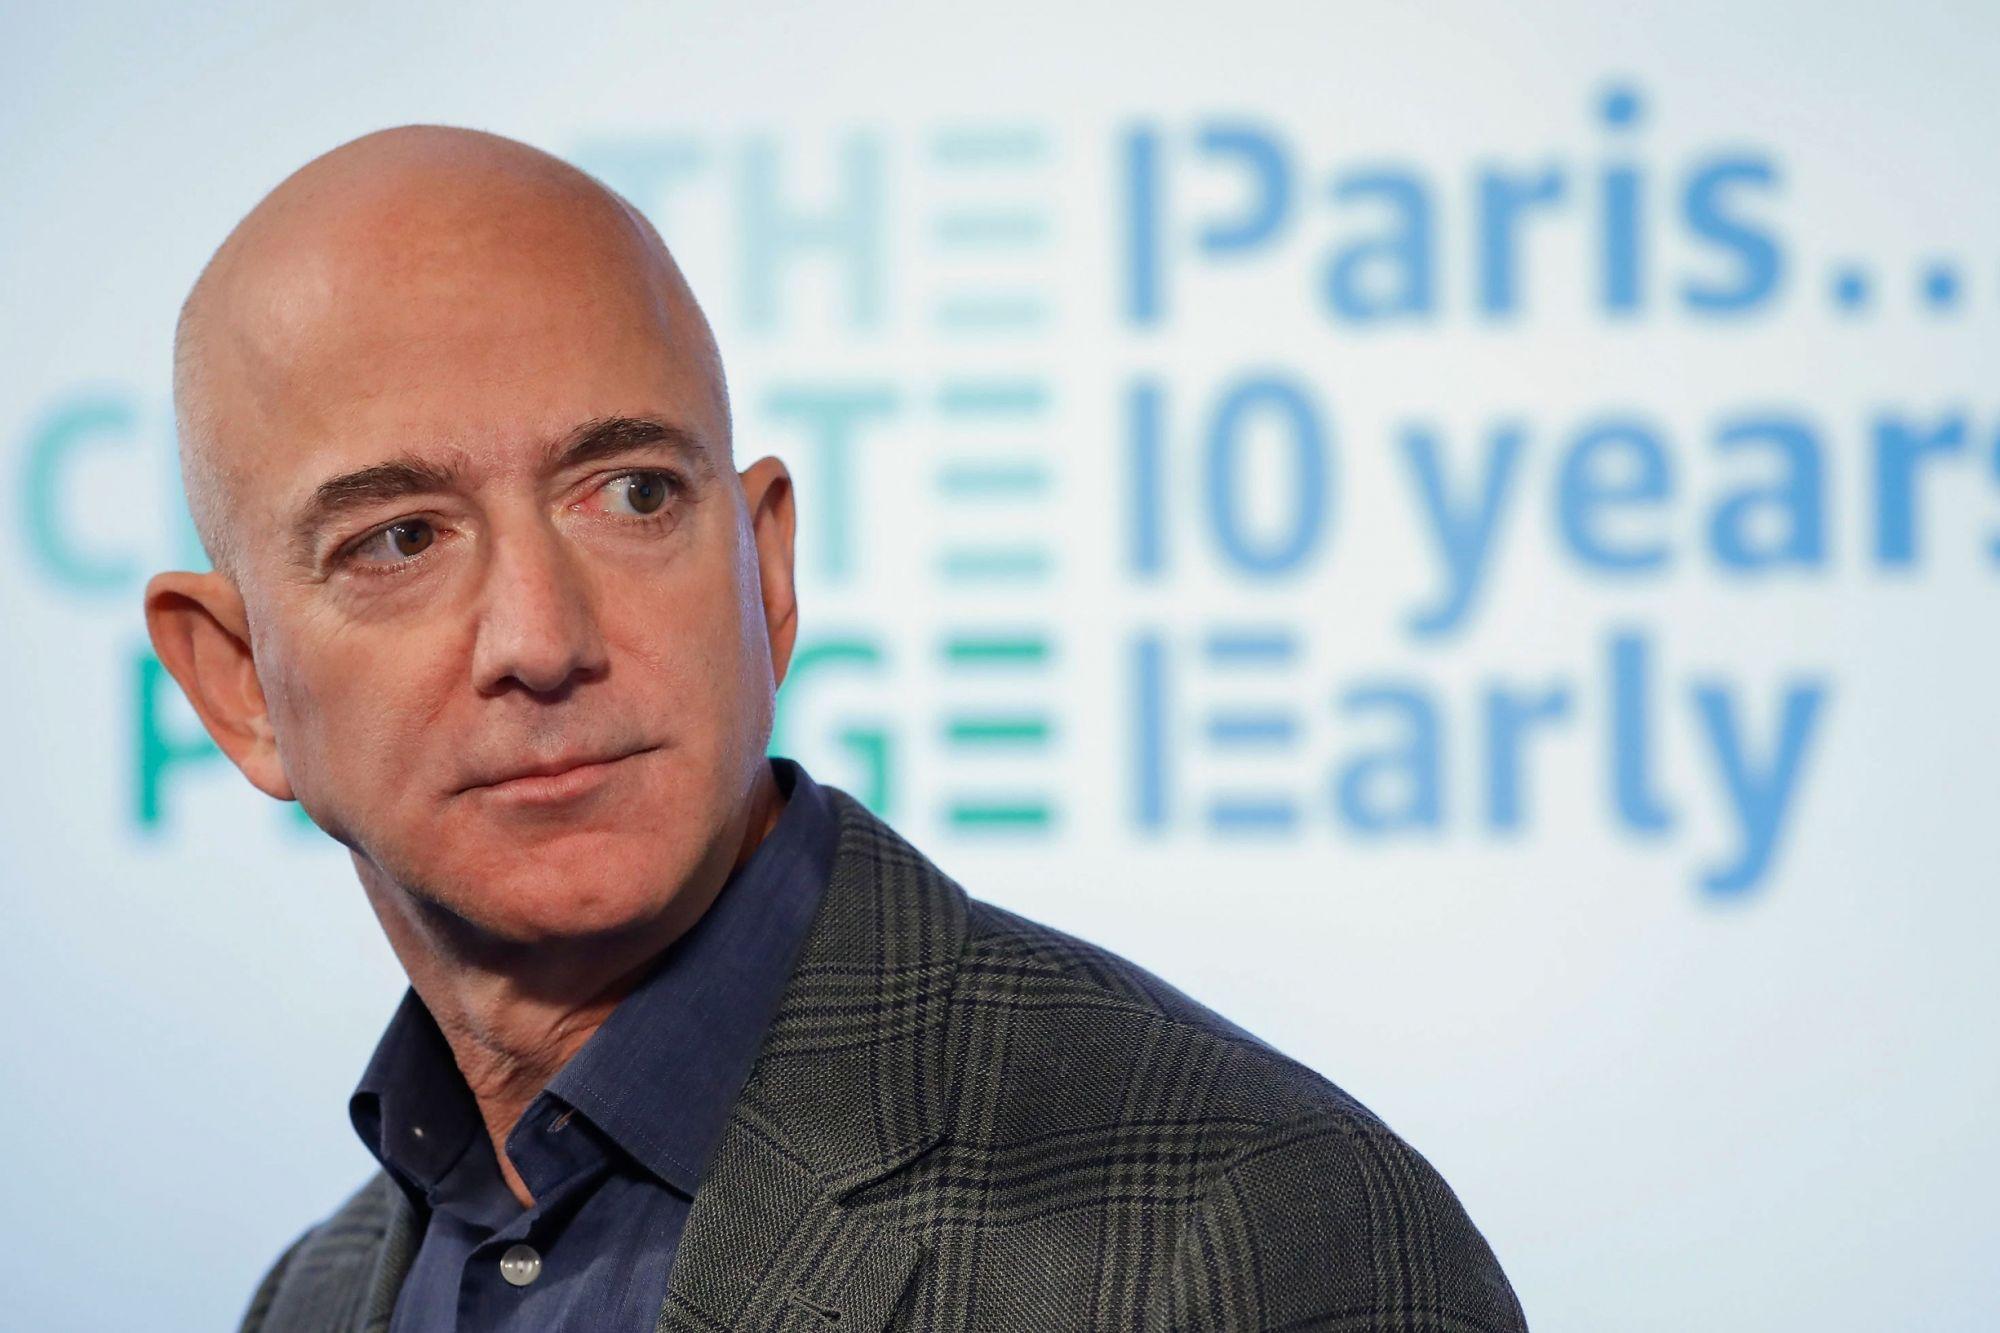 Jeff Bezos Pledges $10 Billion to Combat Climate Change